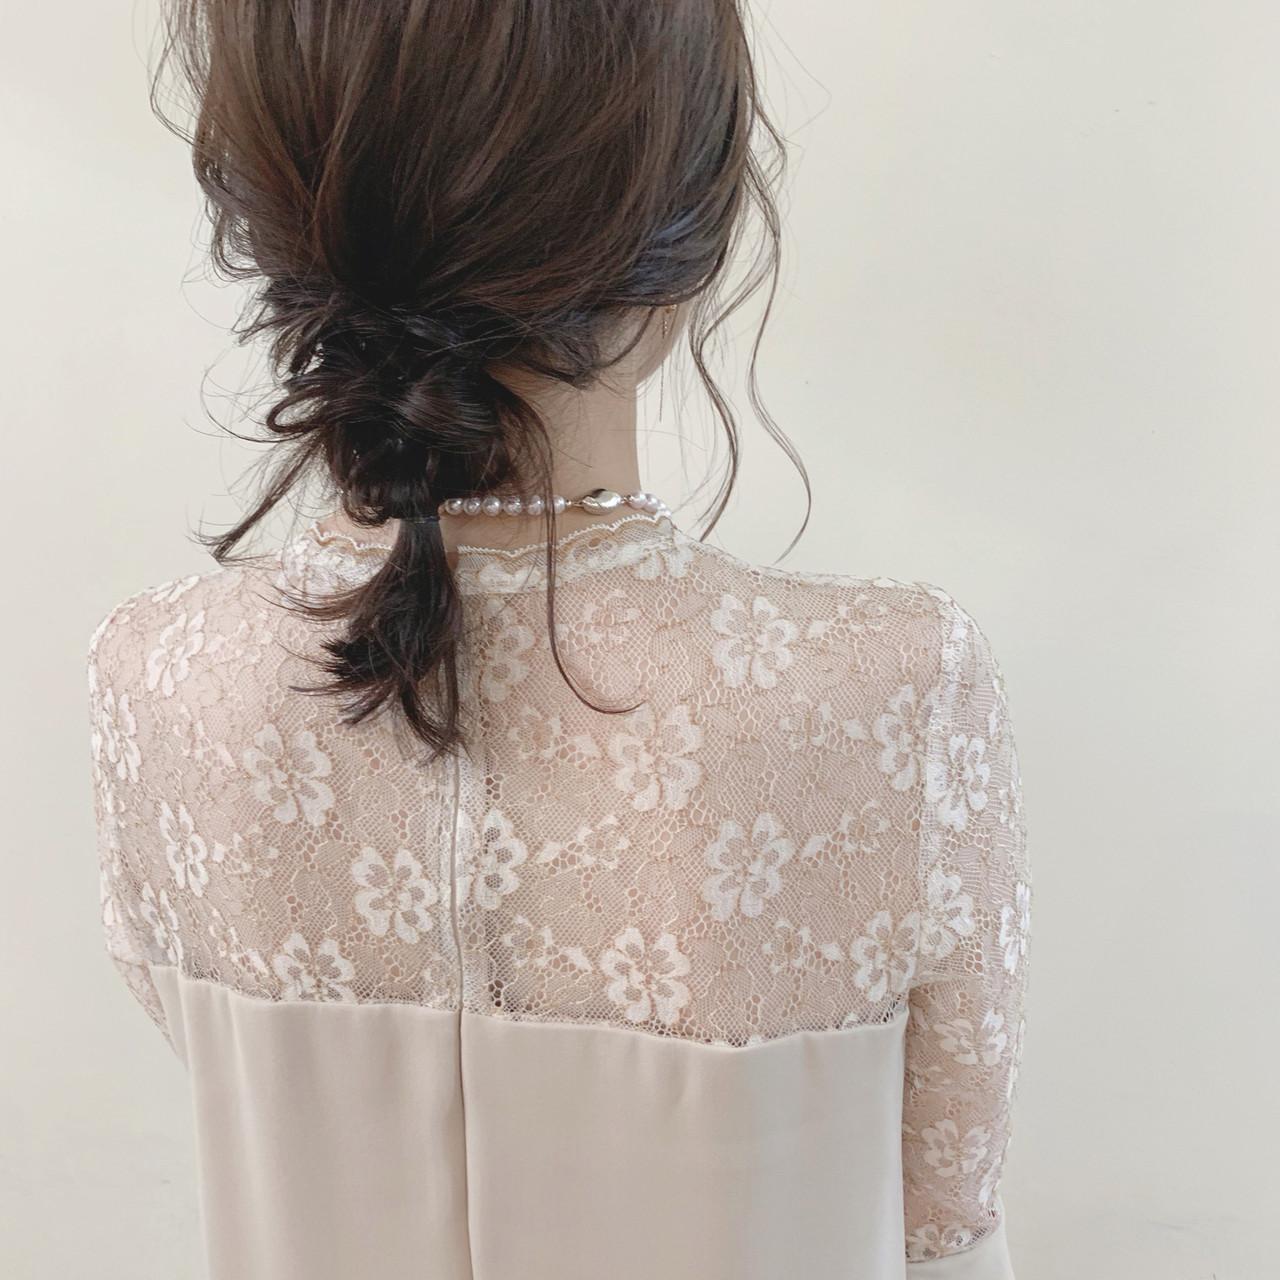 アンニュイほつれヘア 簡単ヘアアレンジ ミディアム ゆるふわ ヘアスタイルや髪型の写真・画像